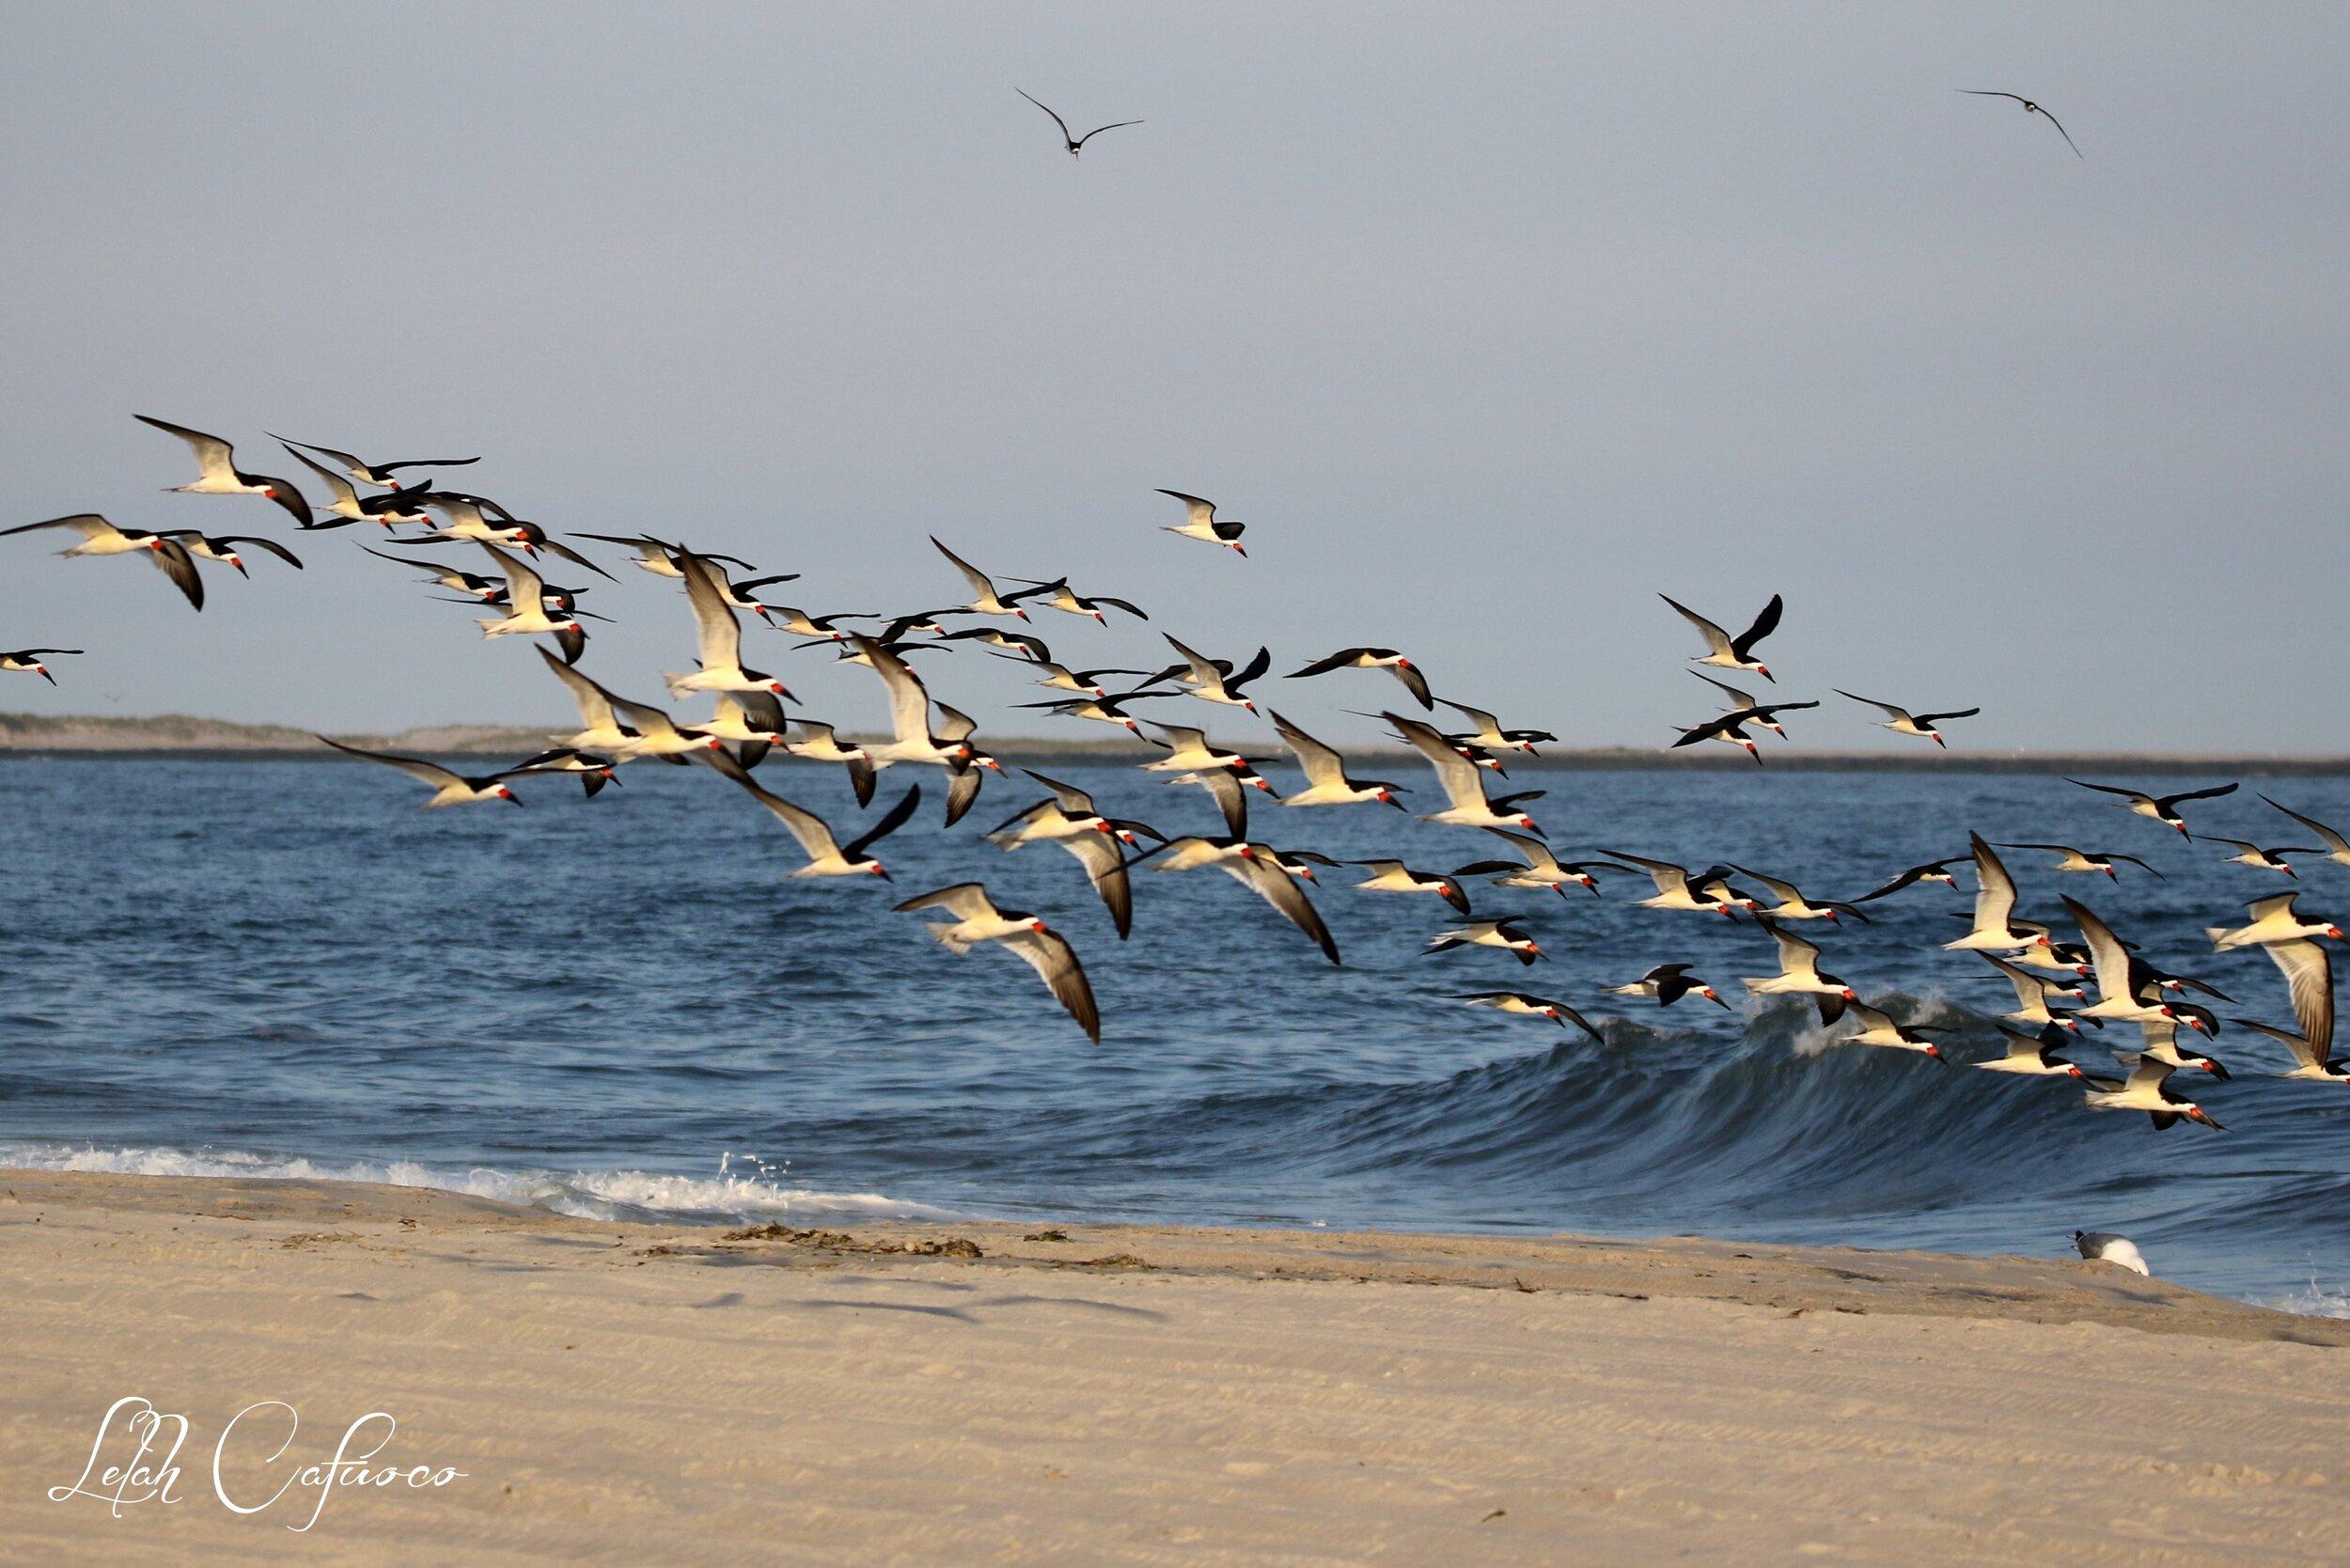 skimmer flock in fight over ocean.jpg